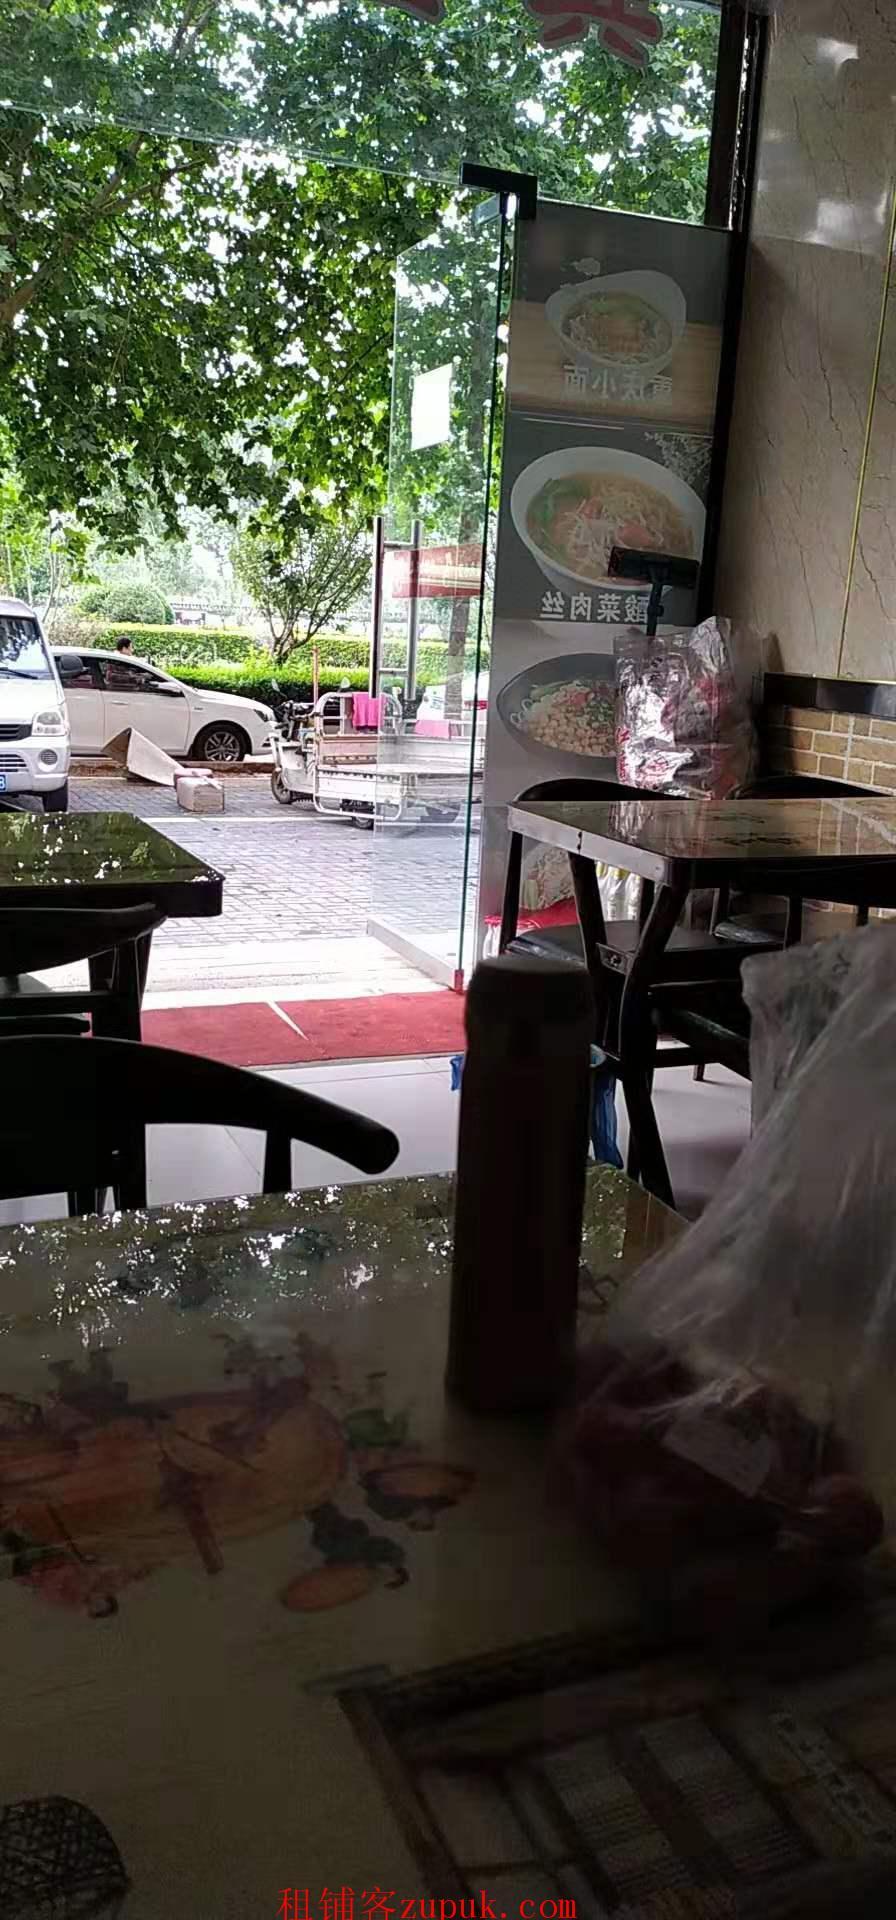 杭州下沙高沙闹市商业街美食档口招租